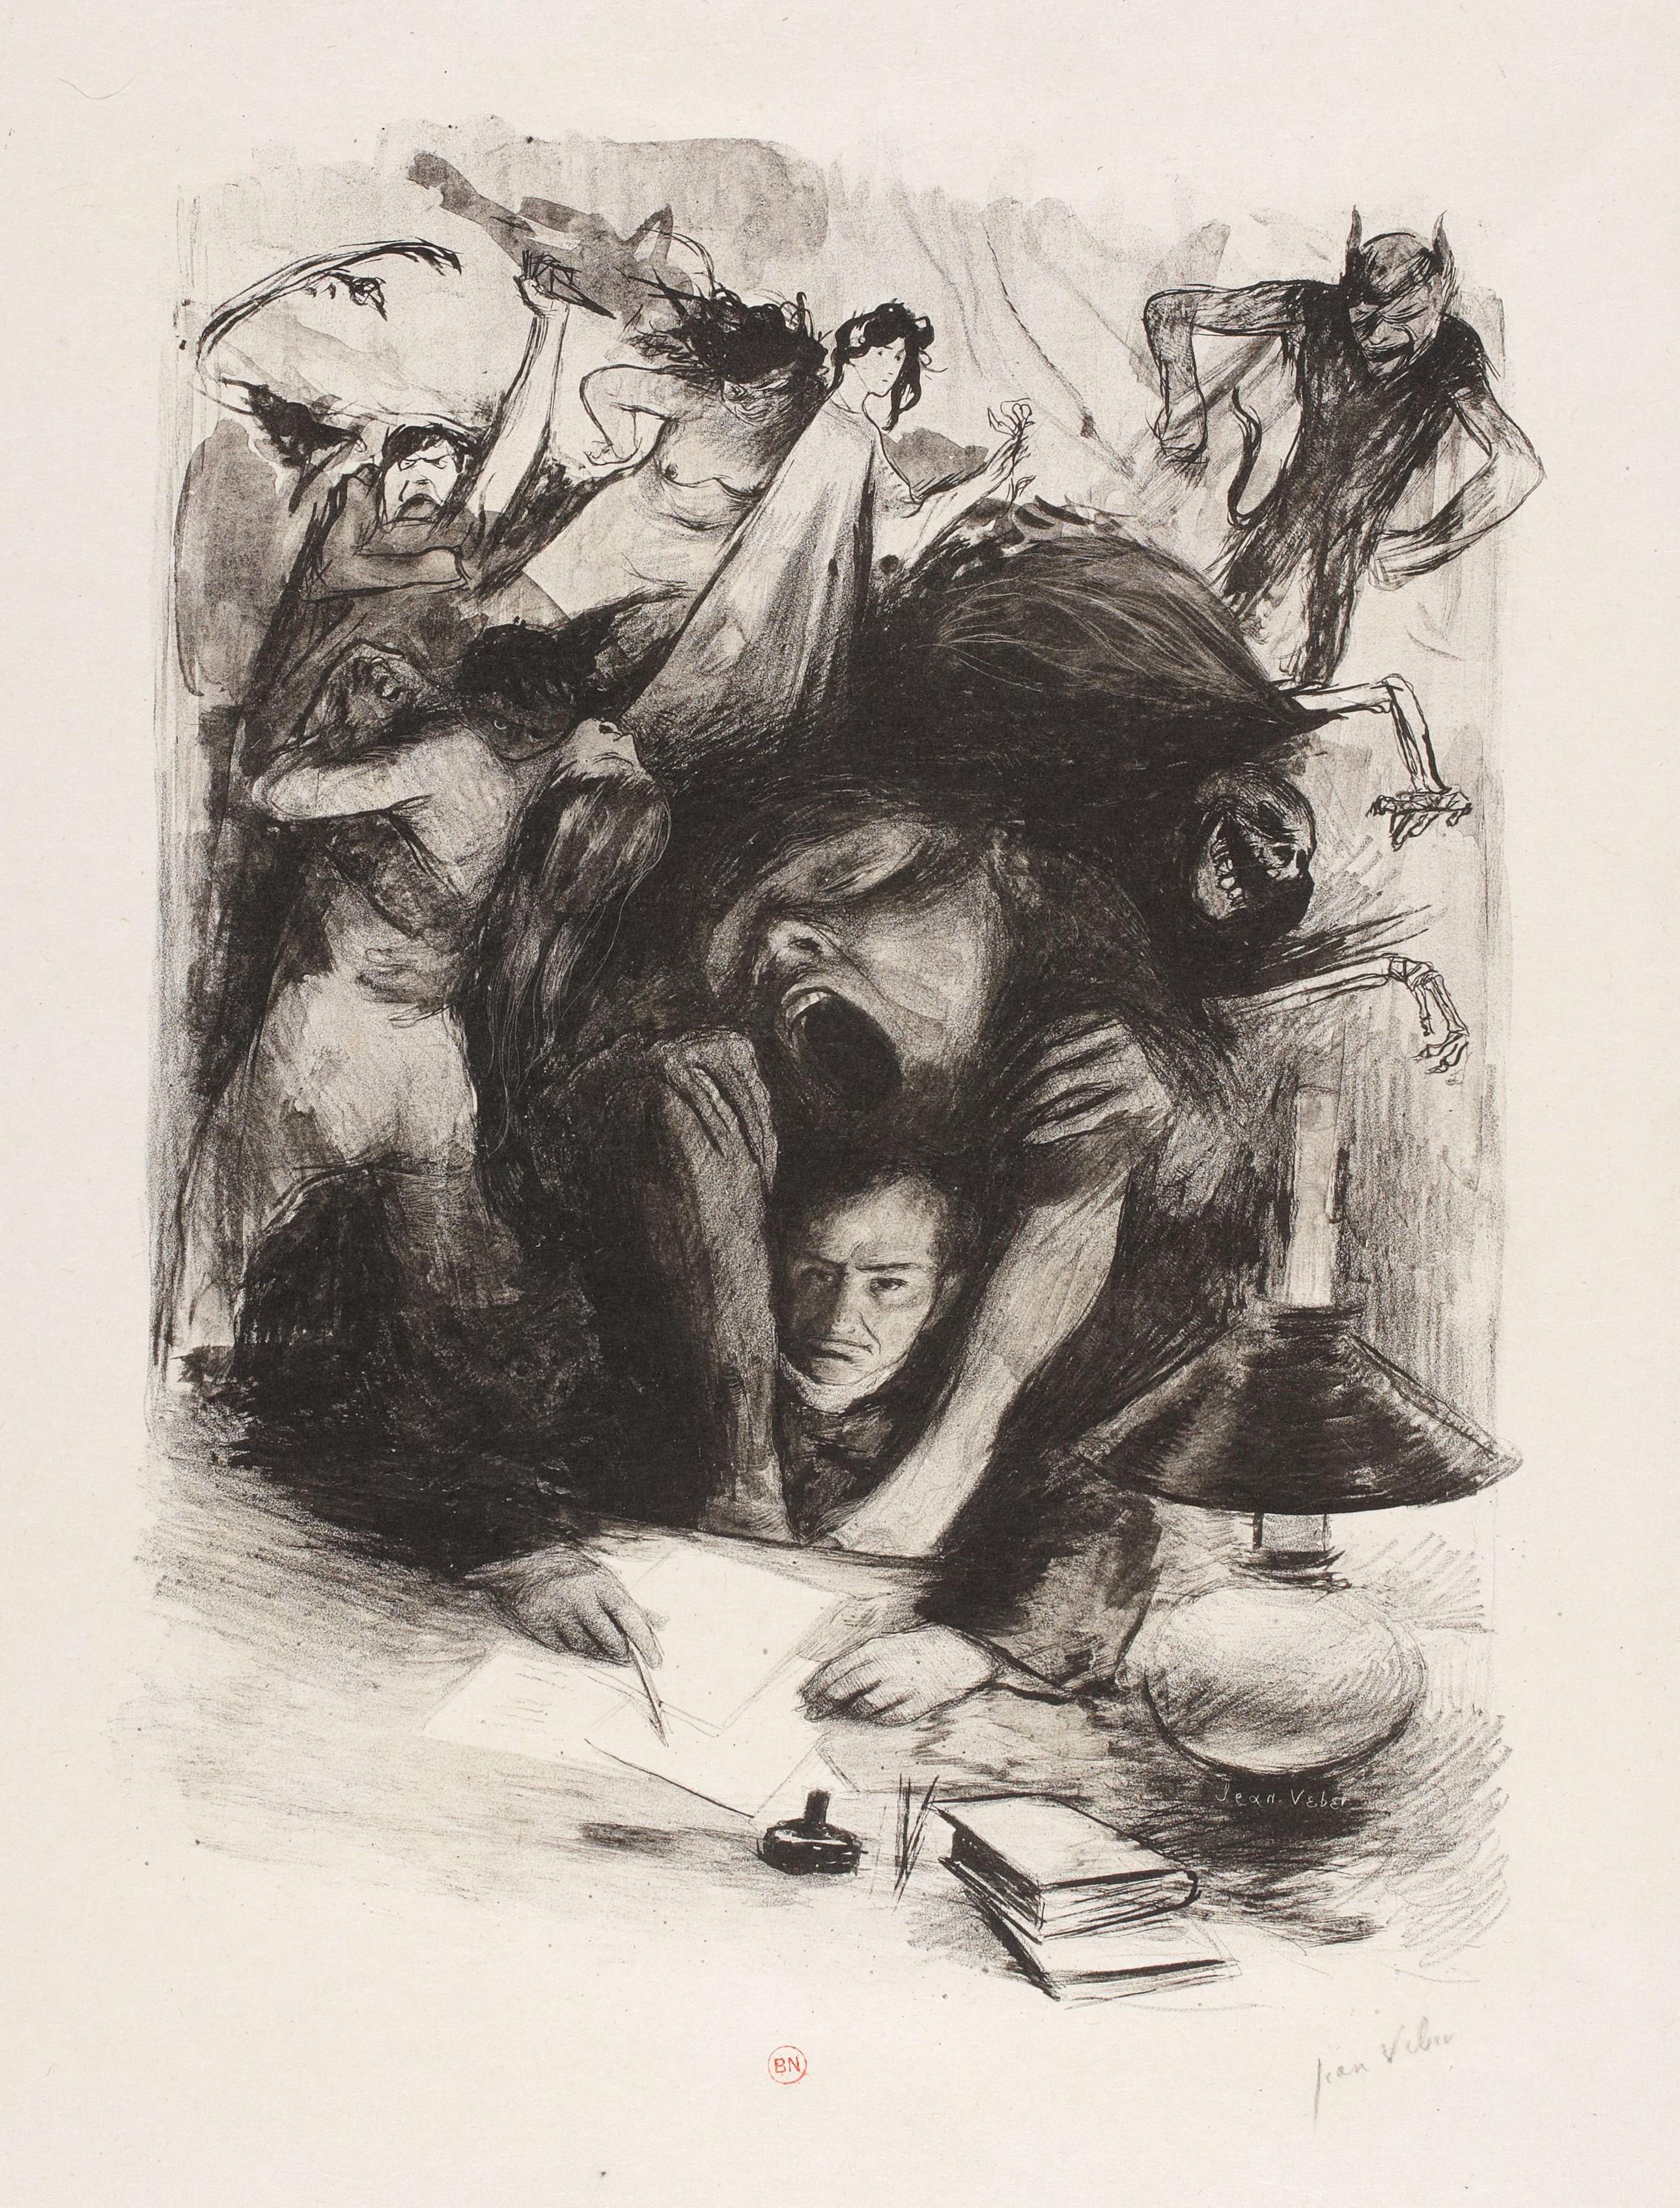 Jean Veber, « L'Ennui », projet de préface pour Les Fleurs du Mal de Baudelaire, 1896, lithographie, 29 × 24 cm, BnF, Paris.